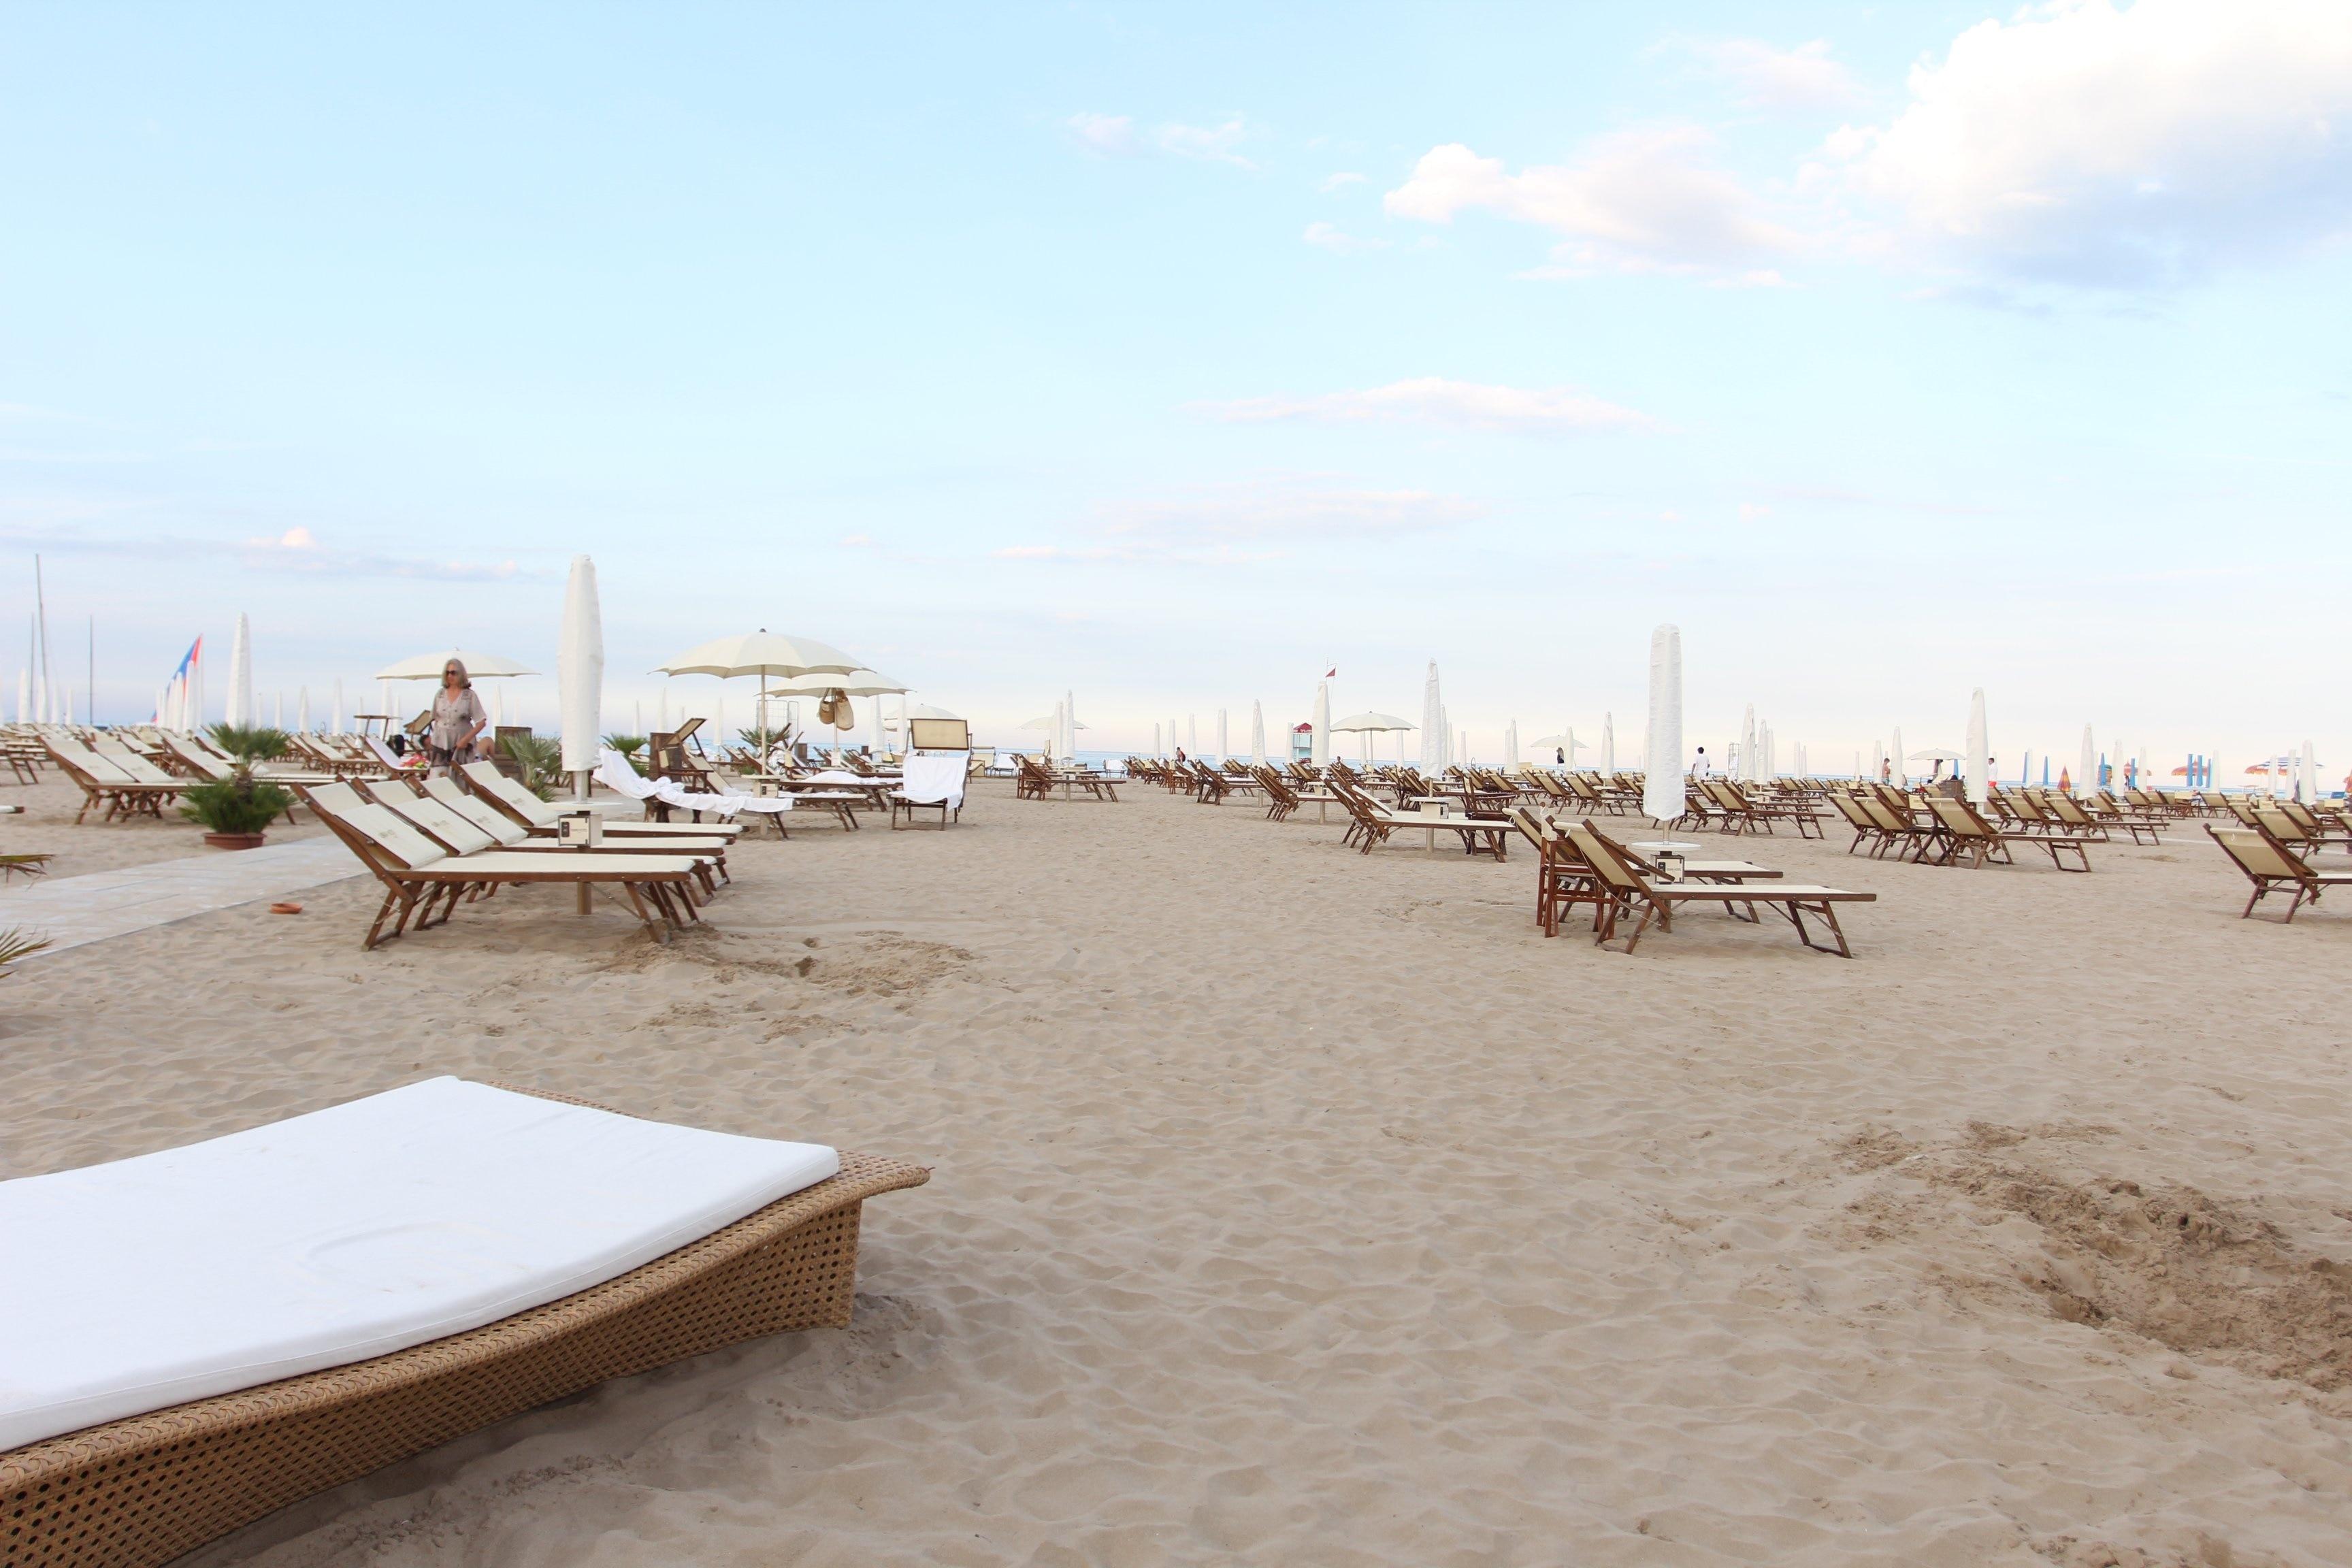 Rimini Beach, Rimini, Emilia-Romagna, Italy